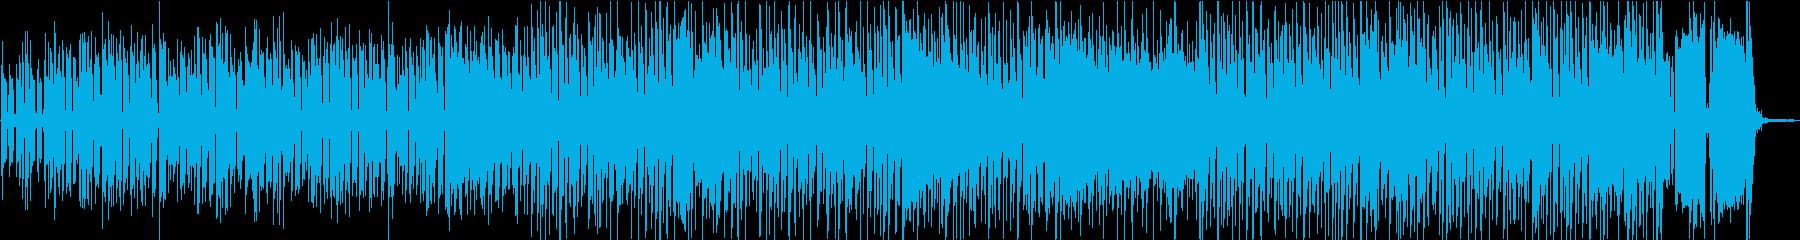 コミカルでレトロ感のあるトランペットの再生済みの波形